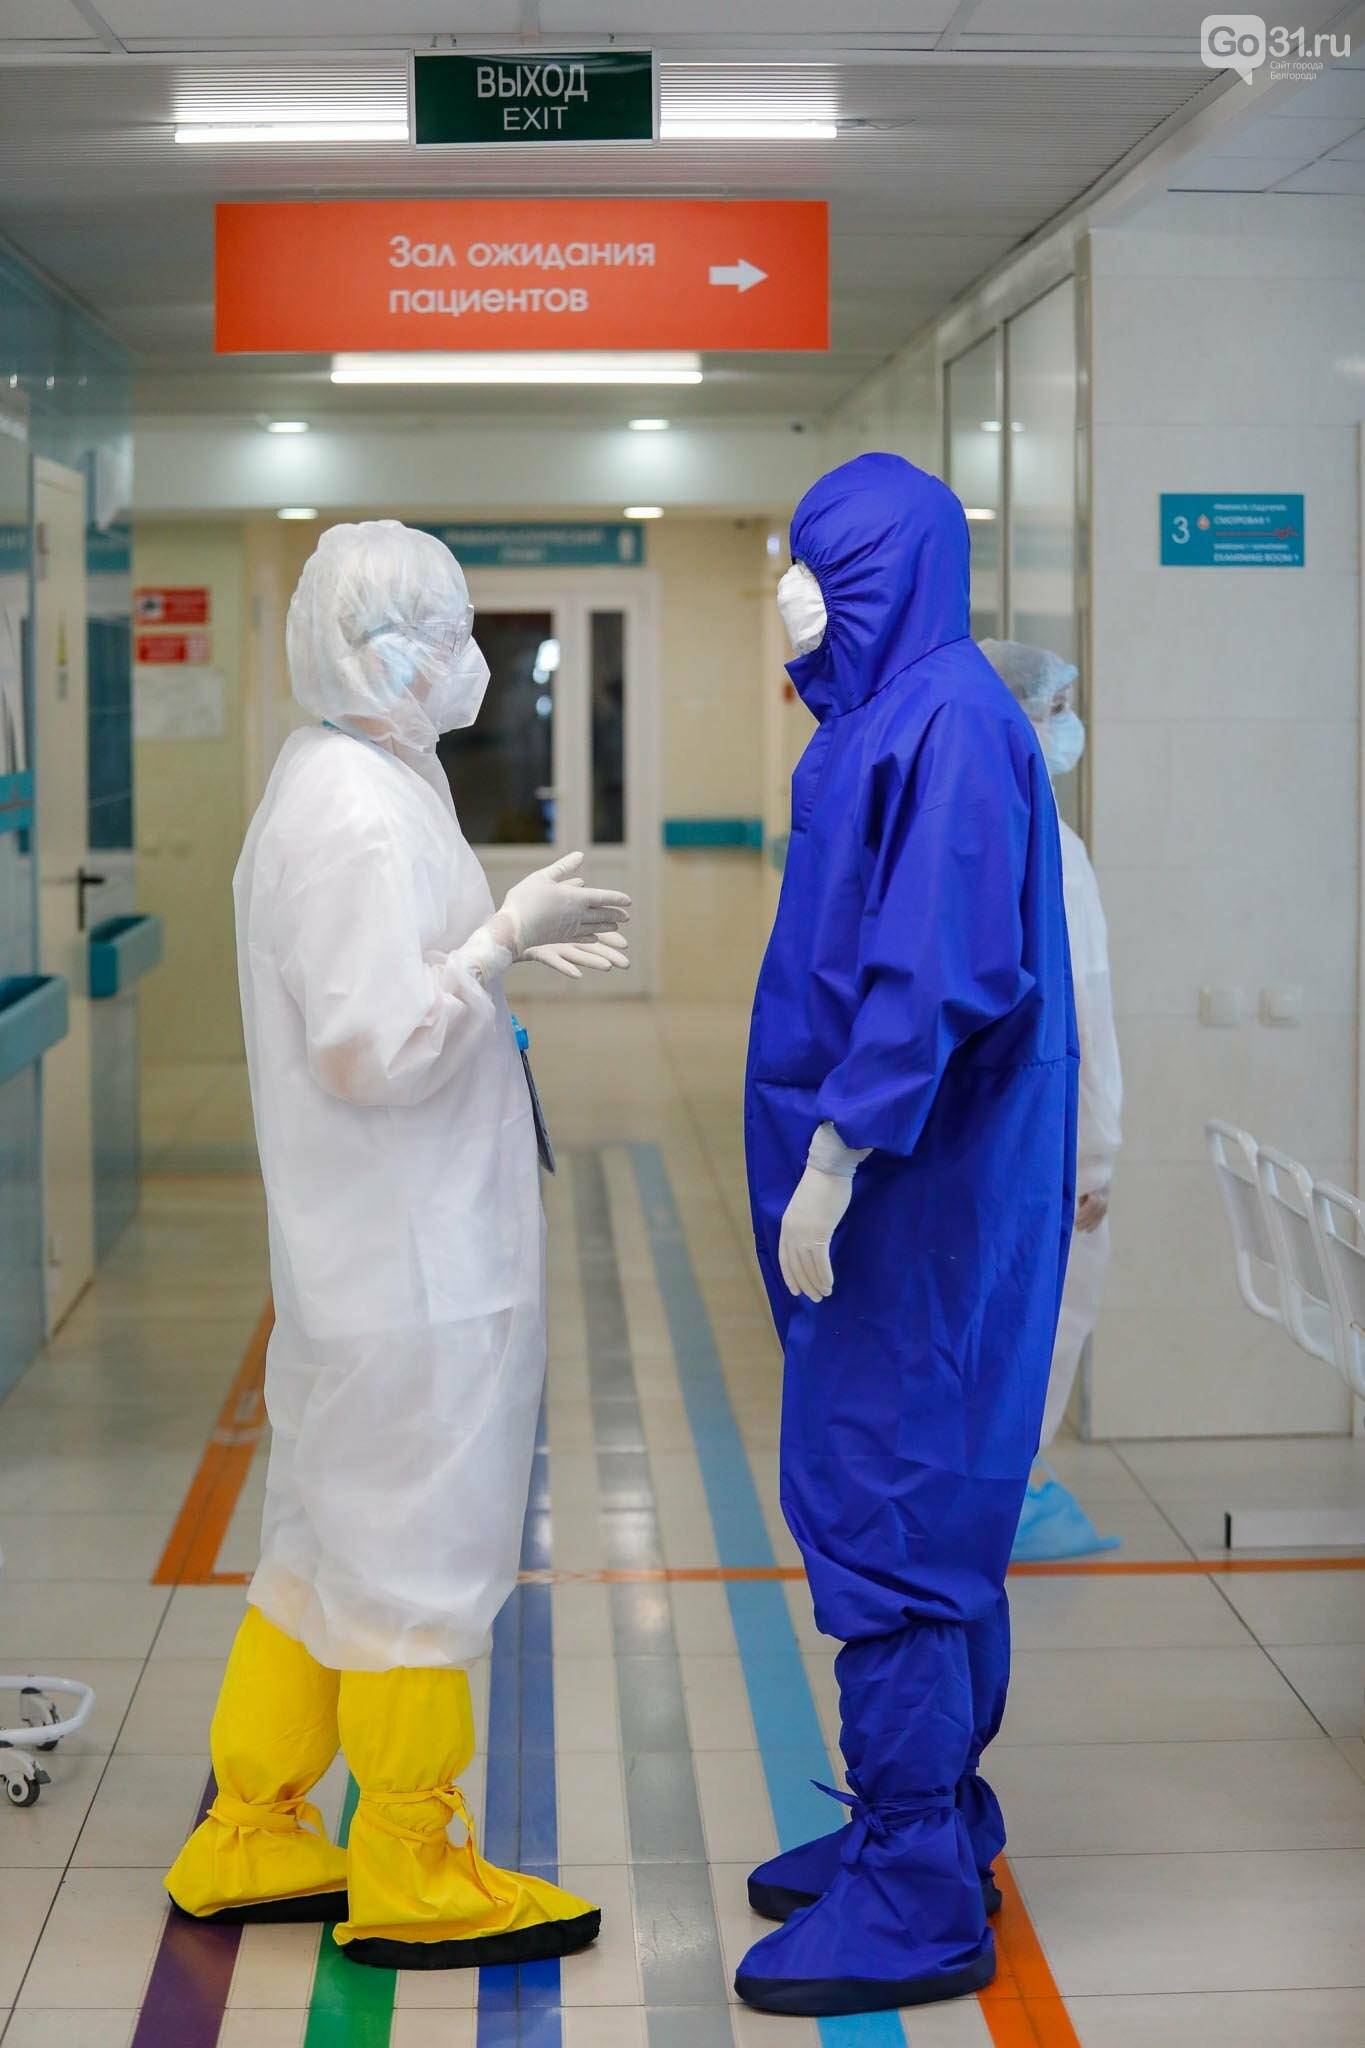 Что происходит в ковид-госпитале Белгорода. Фоторепортаж из «красной» зоны, фото-72, Фото: Антон Вергун